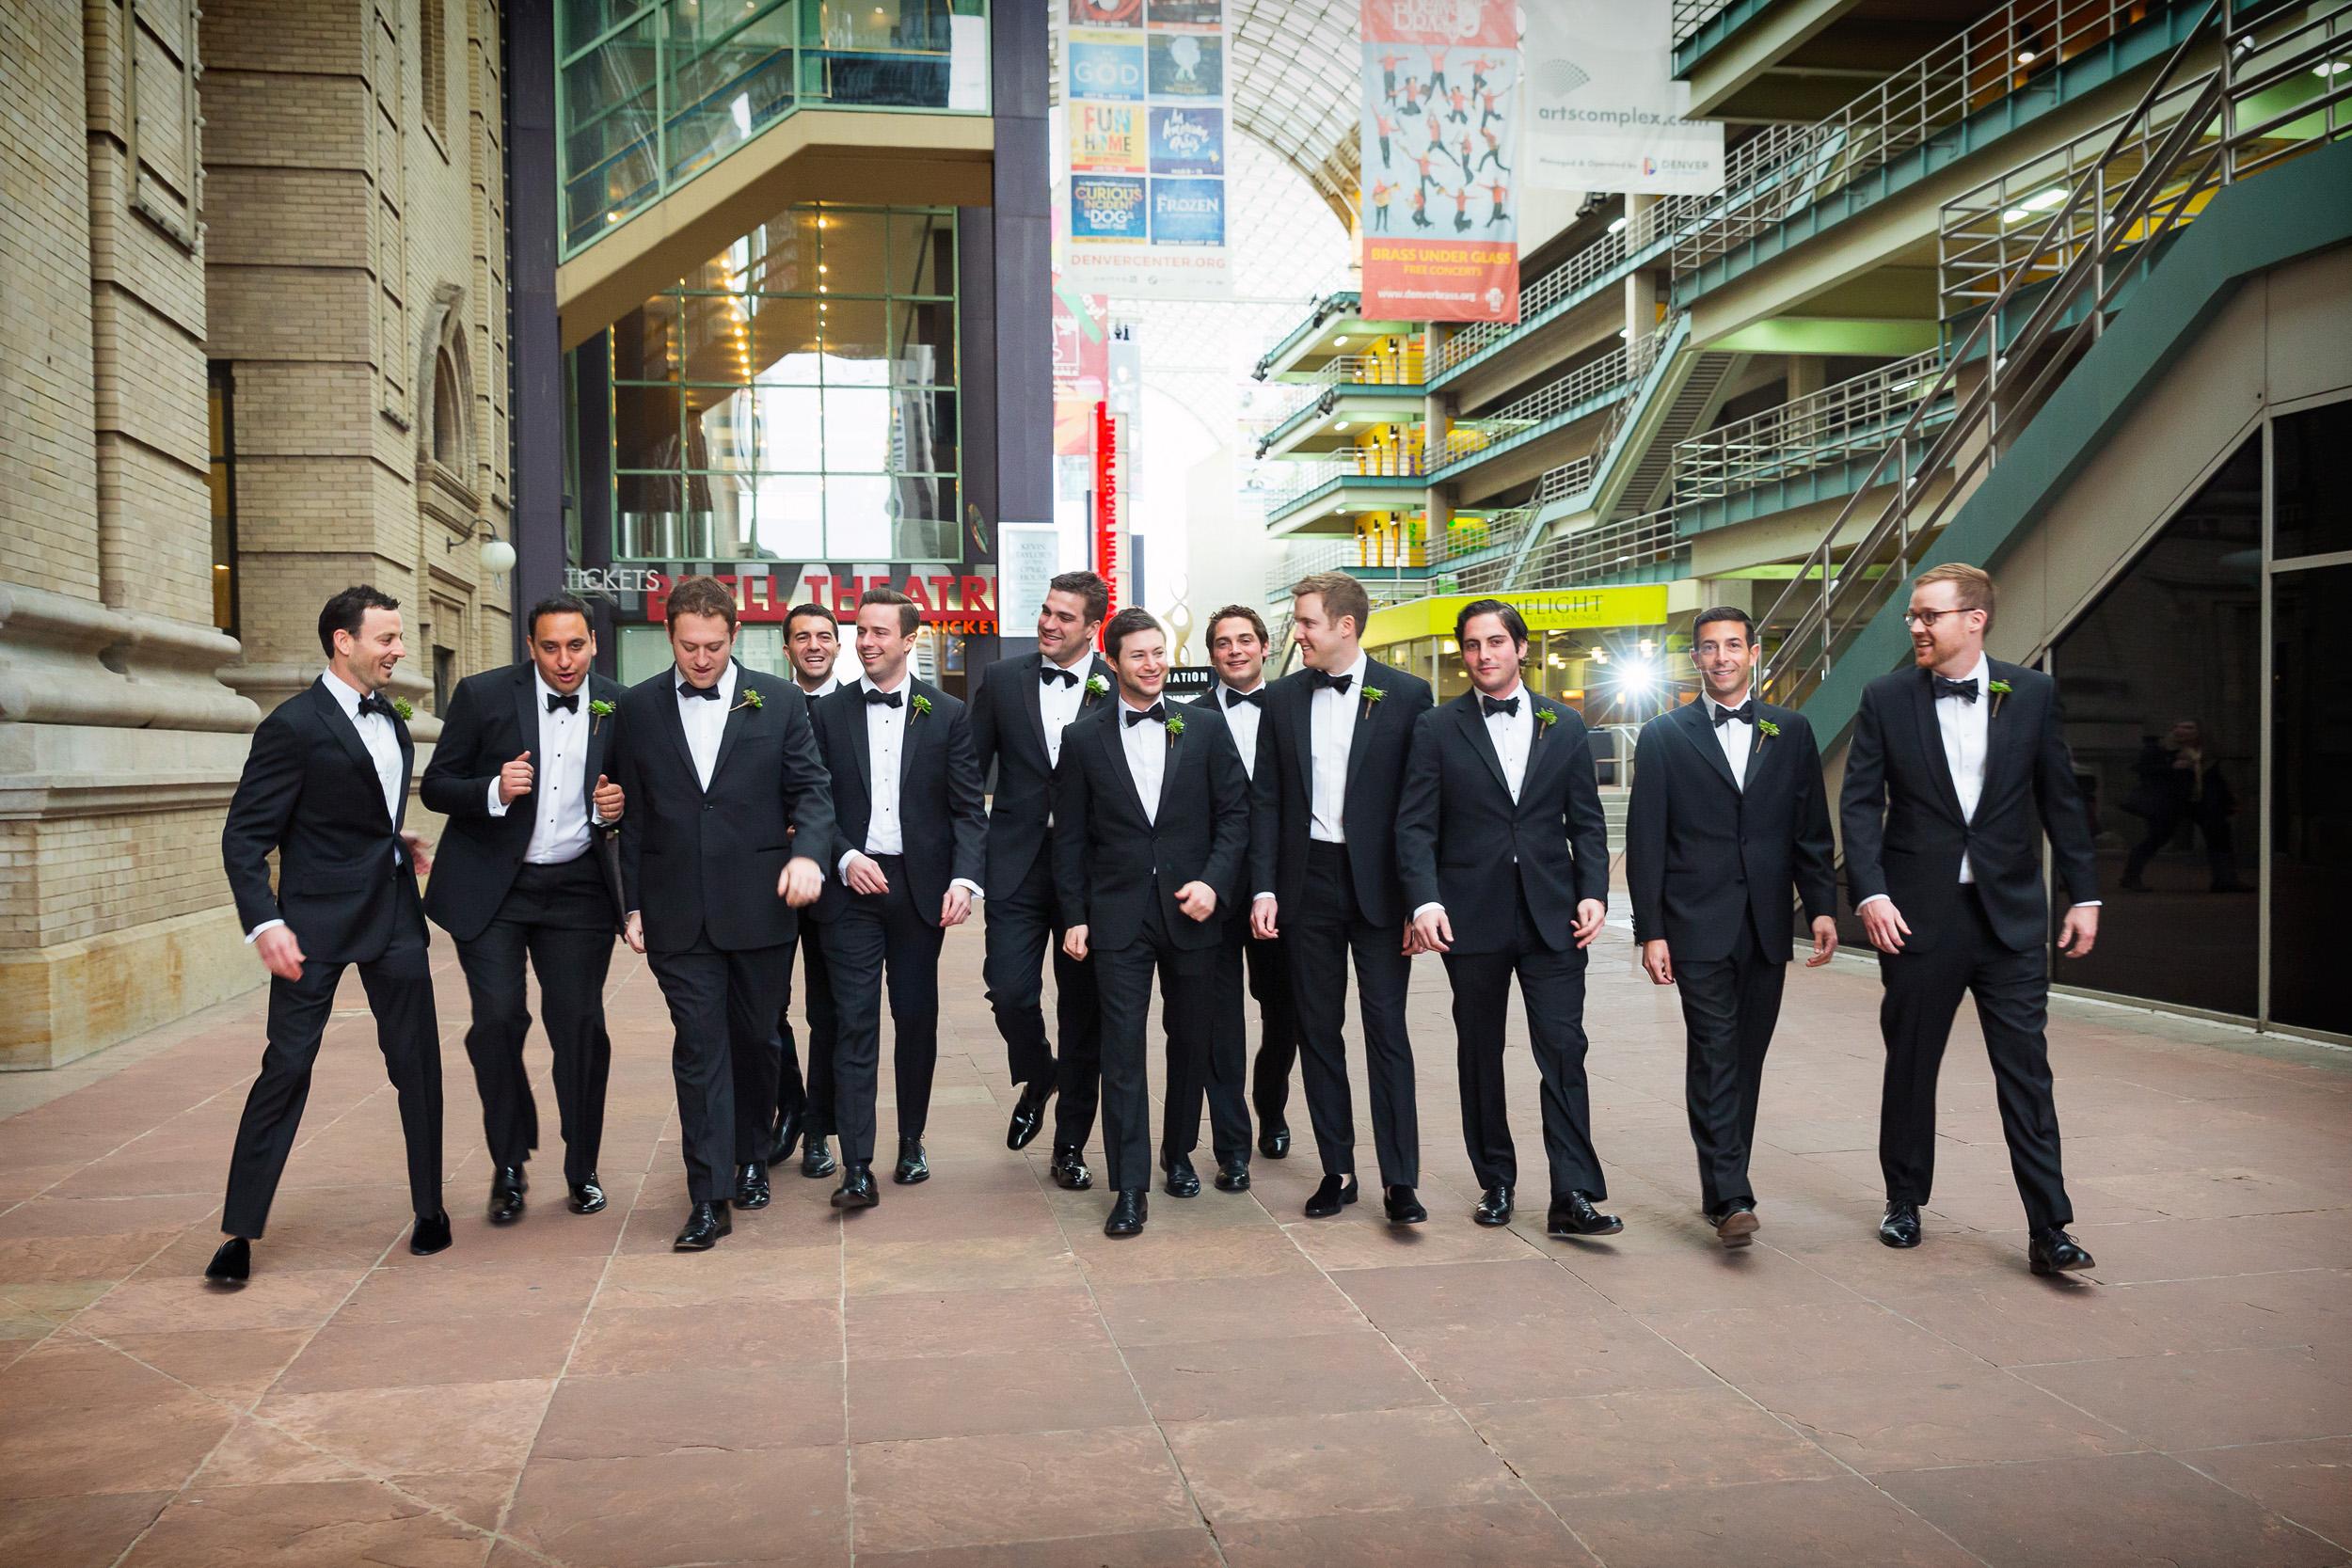 Denver-Performing-Arts-Wedding-002.jpg